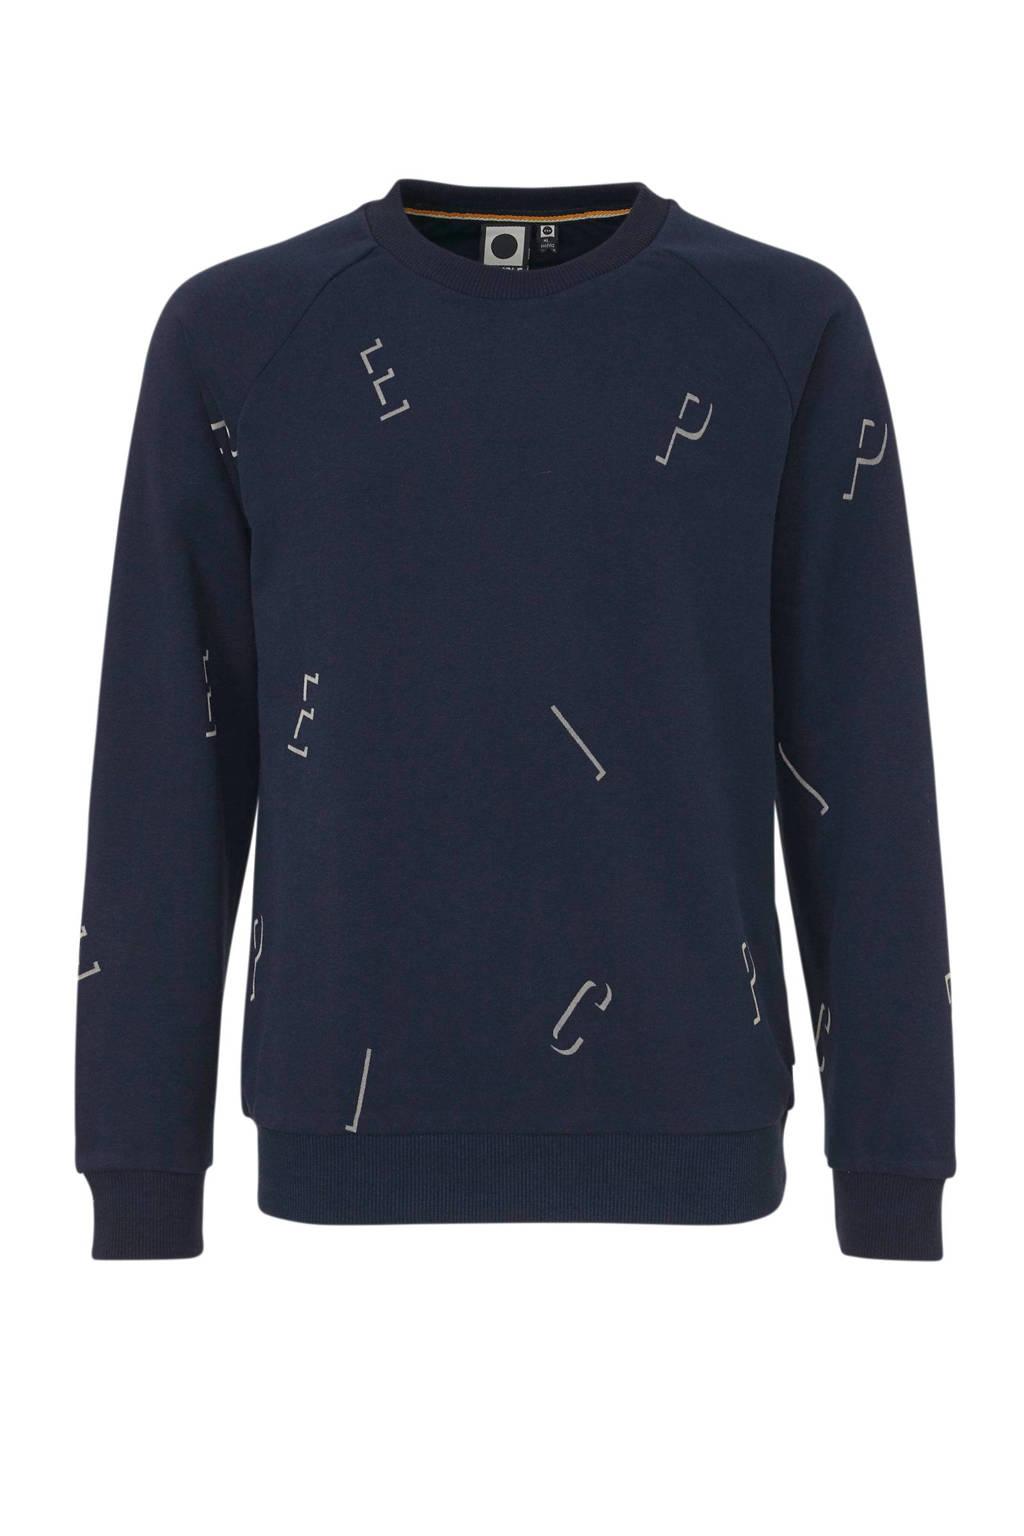 Tumble 'n Dry Hi sweater Grant met all over print donkerblauw/lichtgrijs, Donkerblauw/lichtgrijs